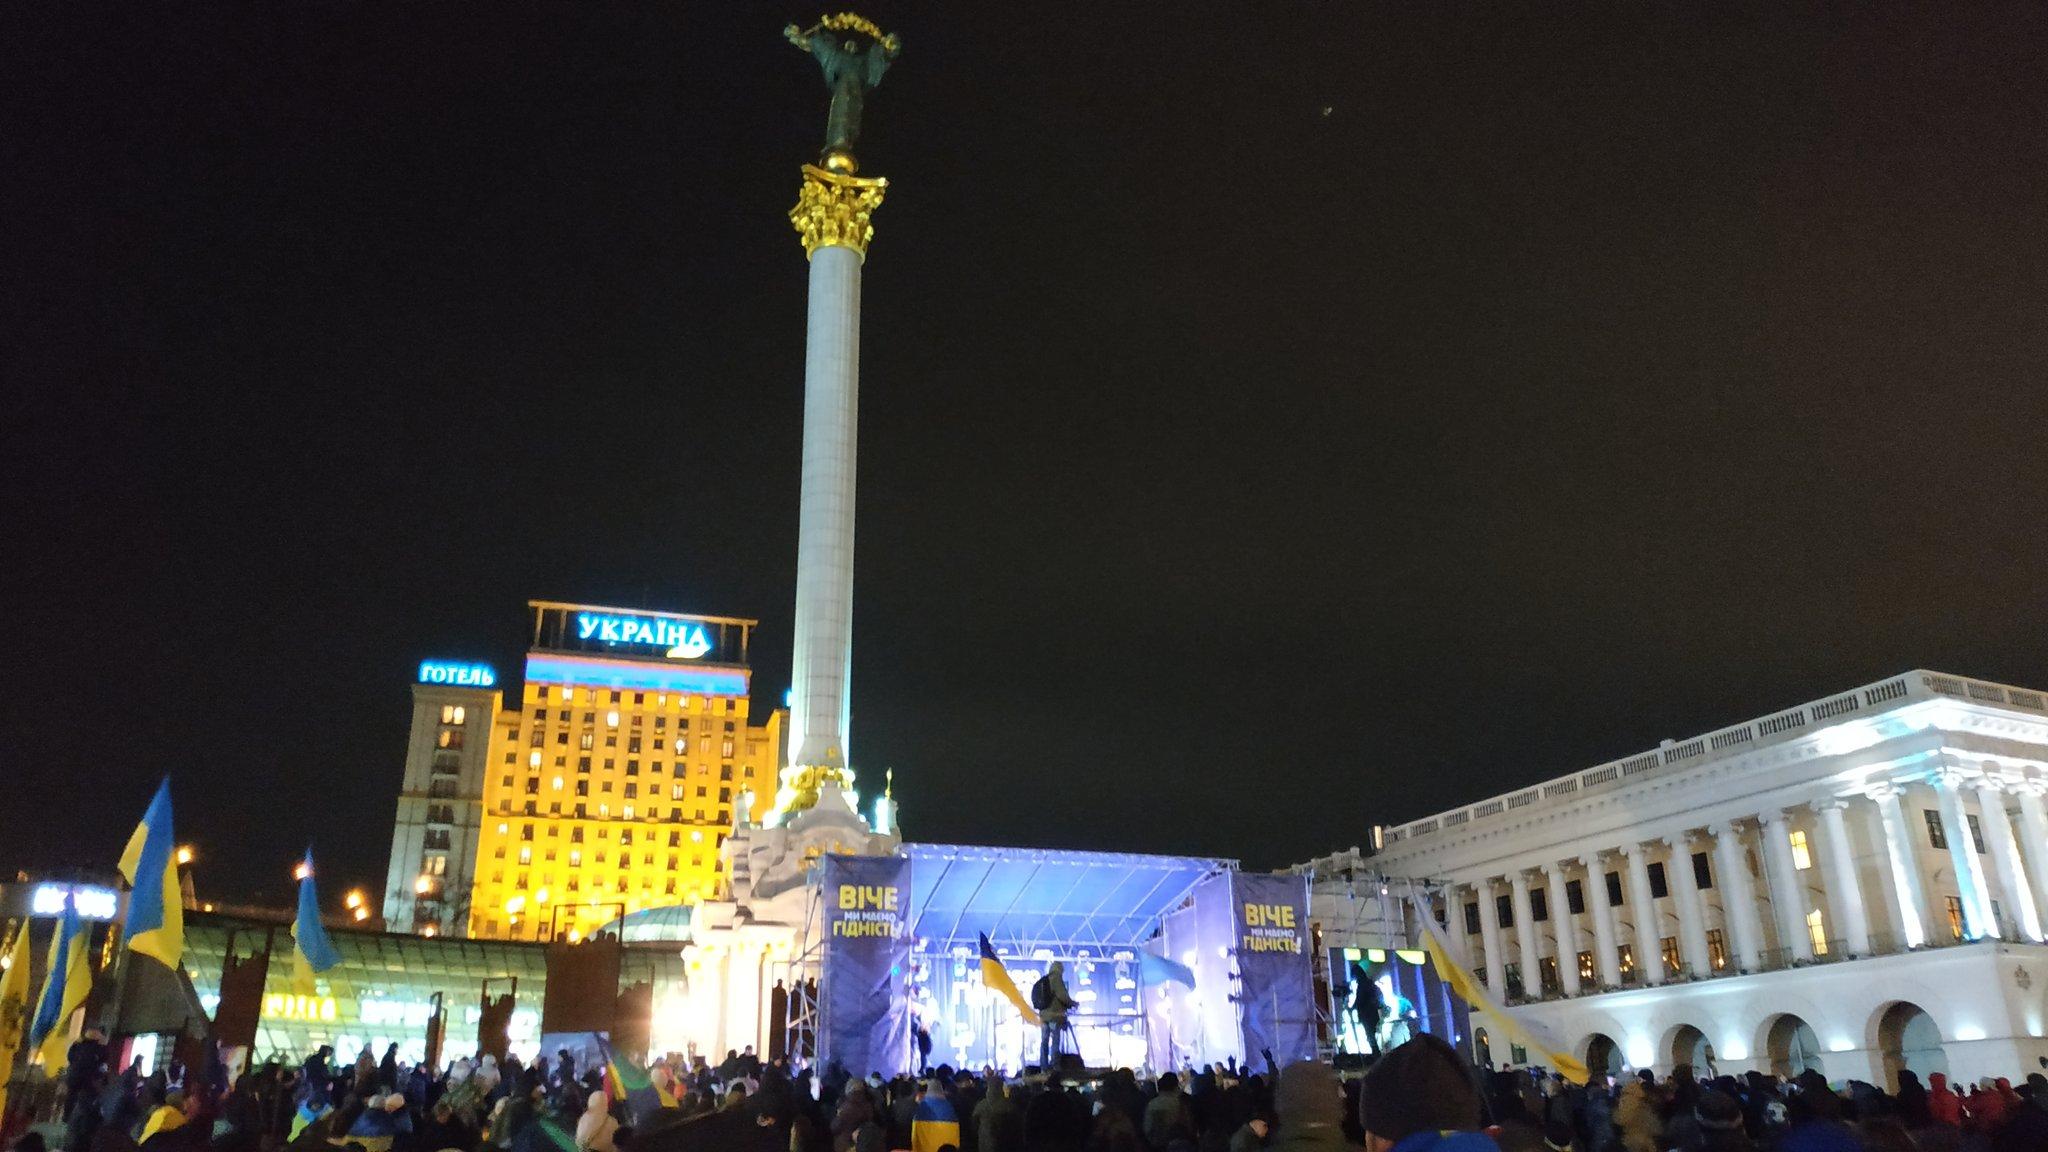 21 листопада відзначили шосту річницю початку Євромайдану, який переріс в Революцію Гідності